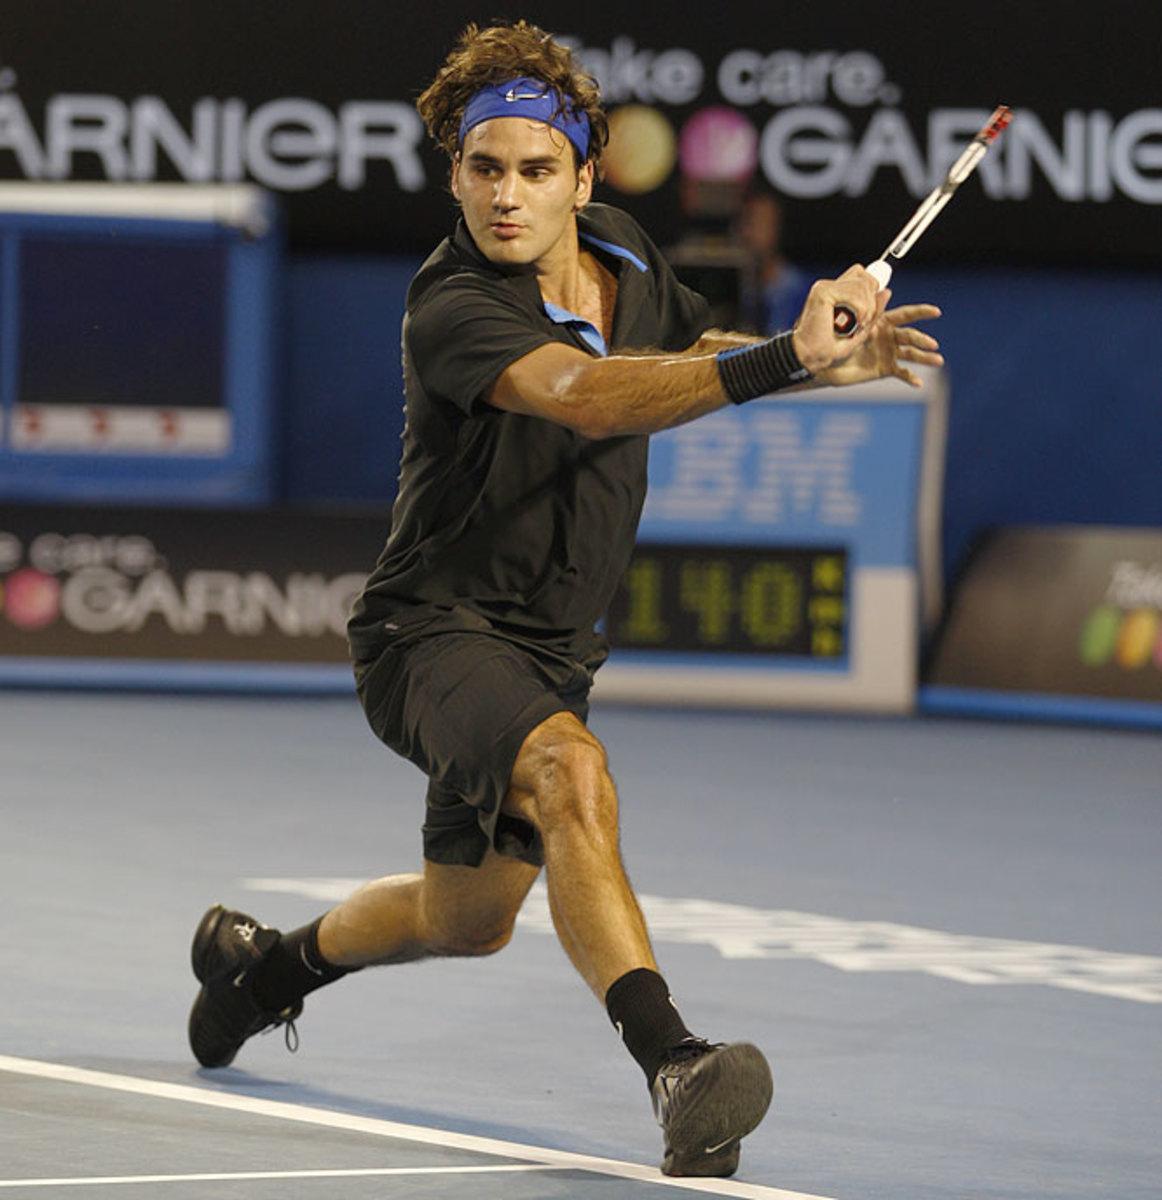 Week 208, '08 Australian Open   Jan. 21, 2008